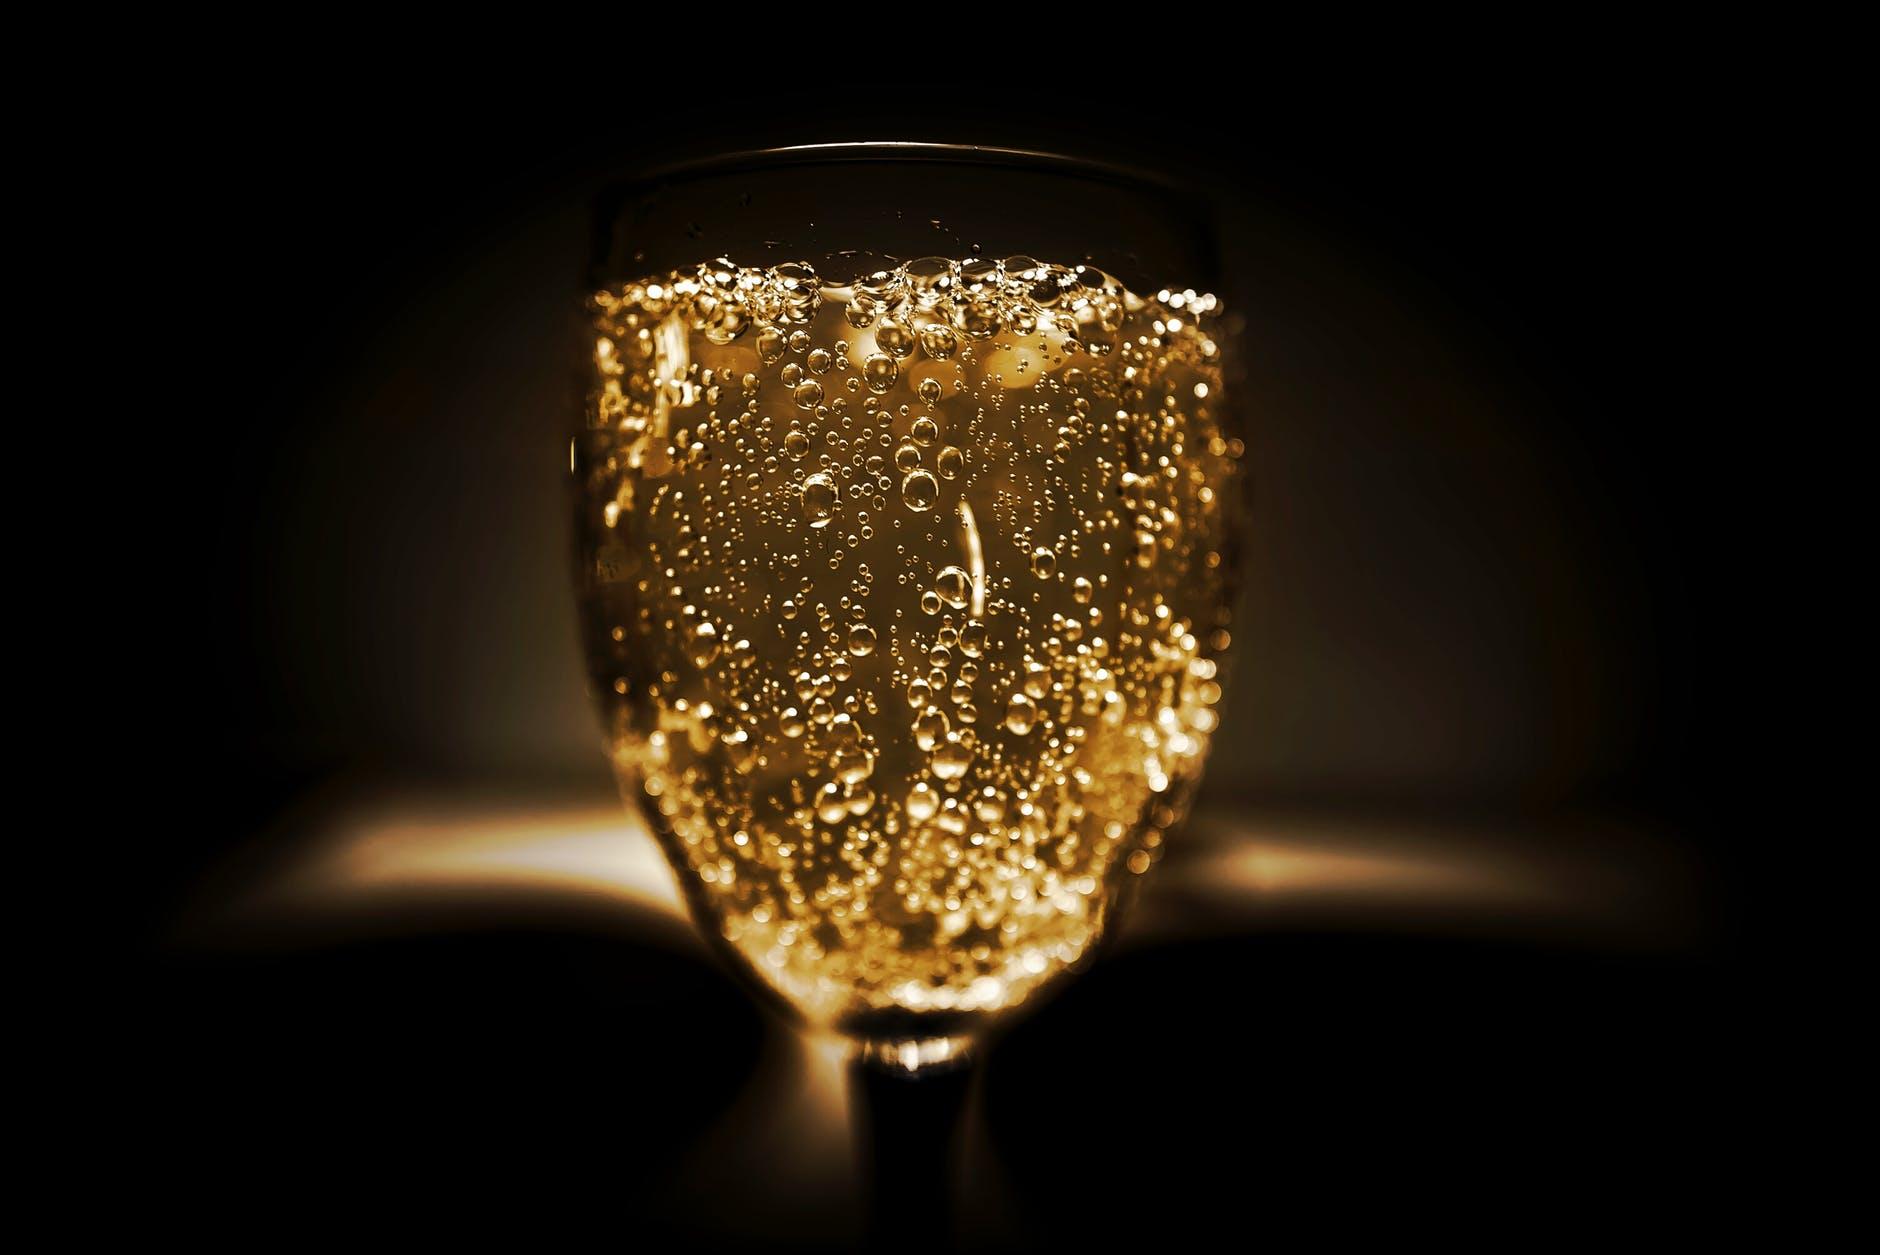 alcohol alcoholic bar blur